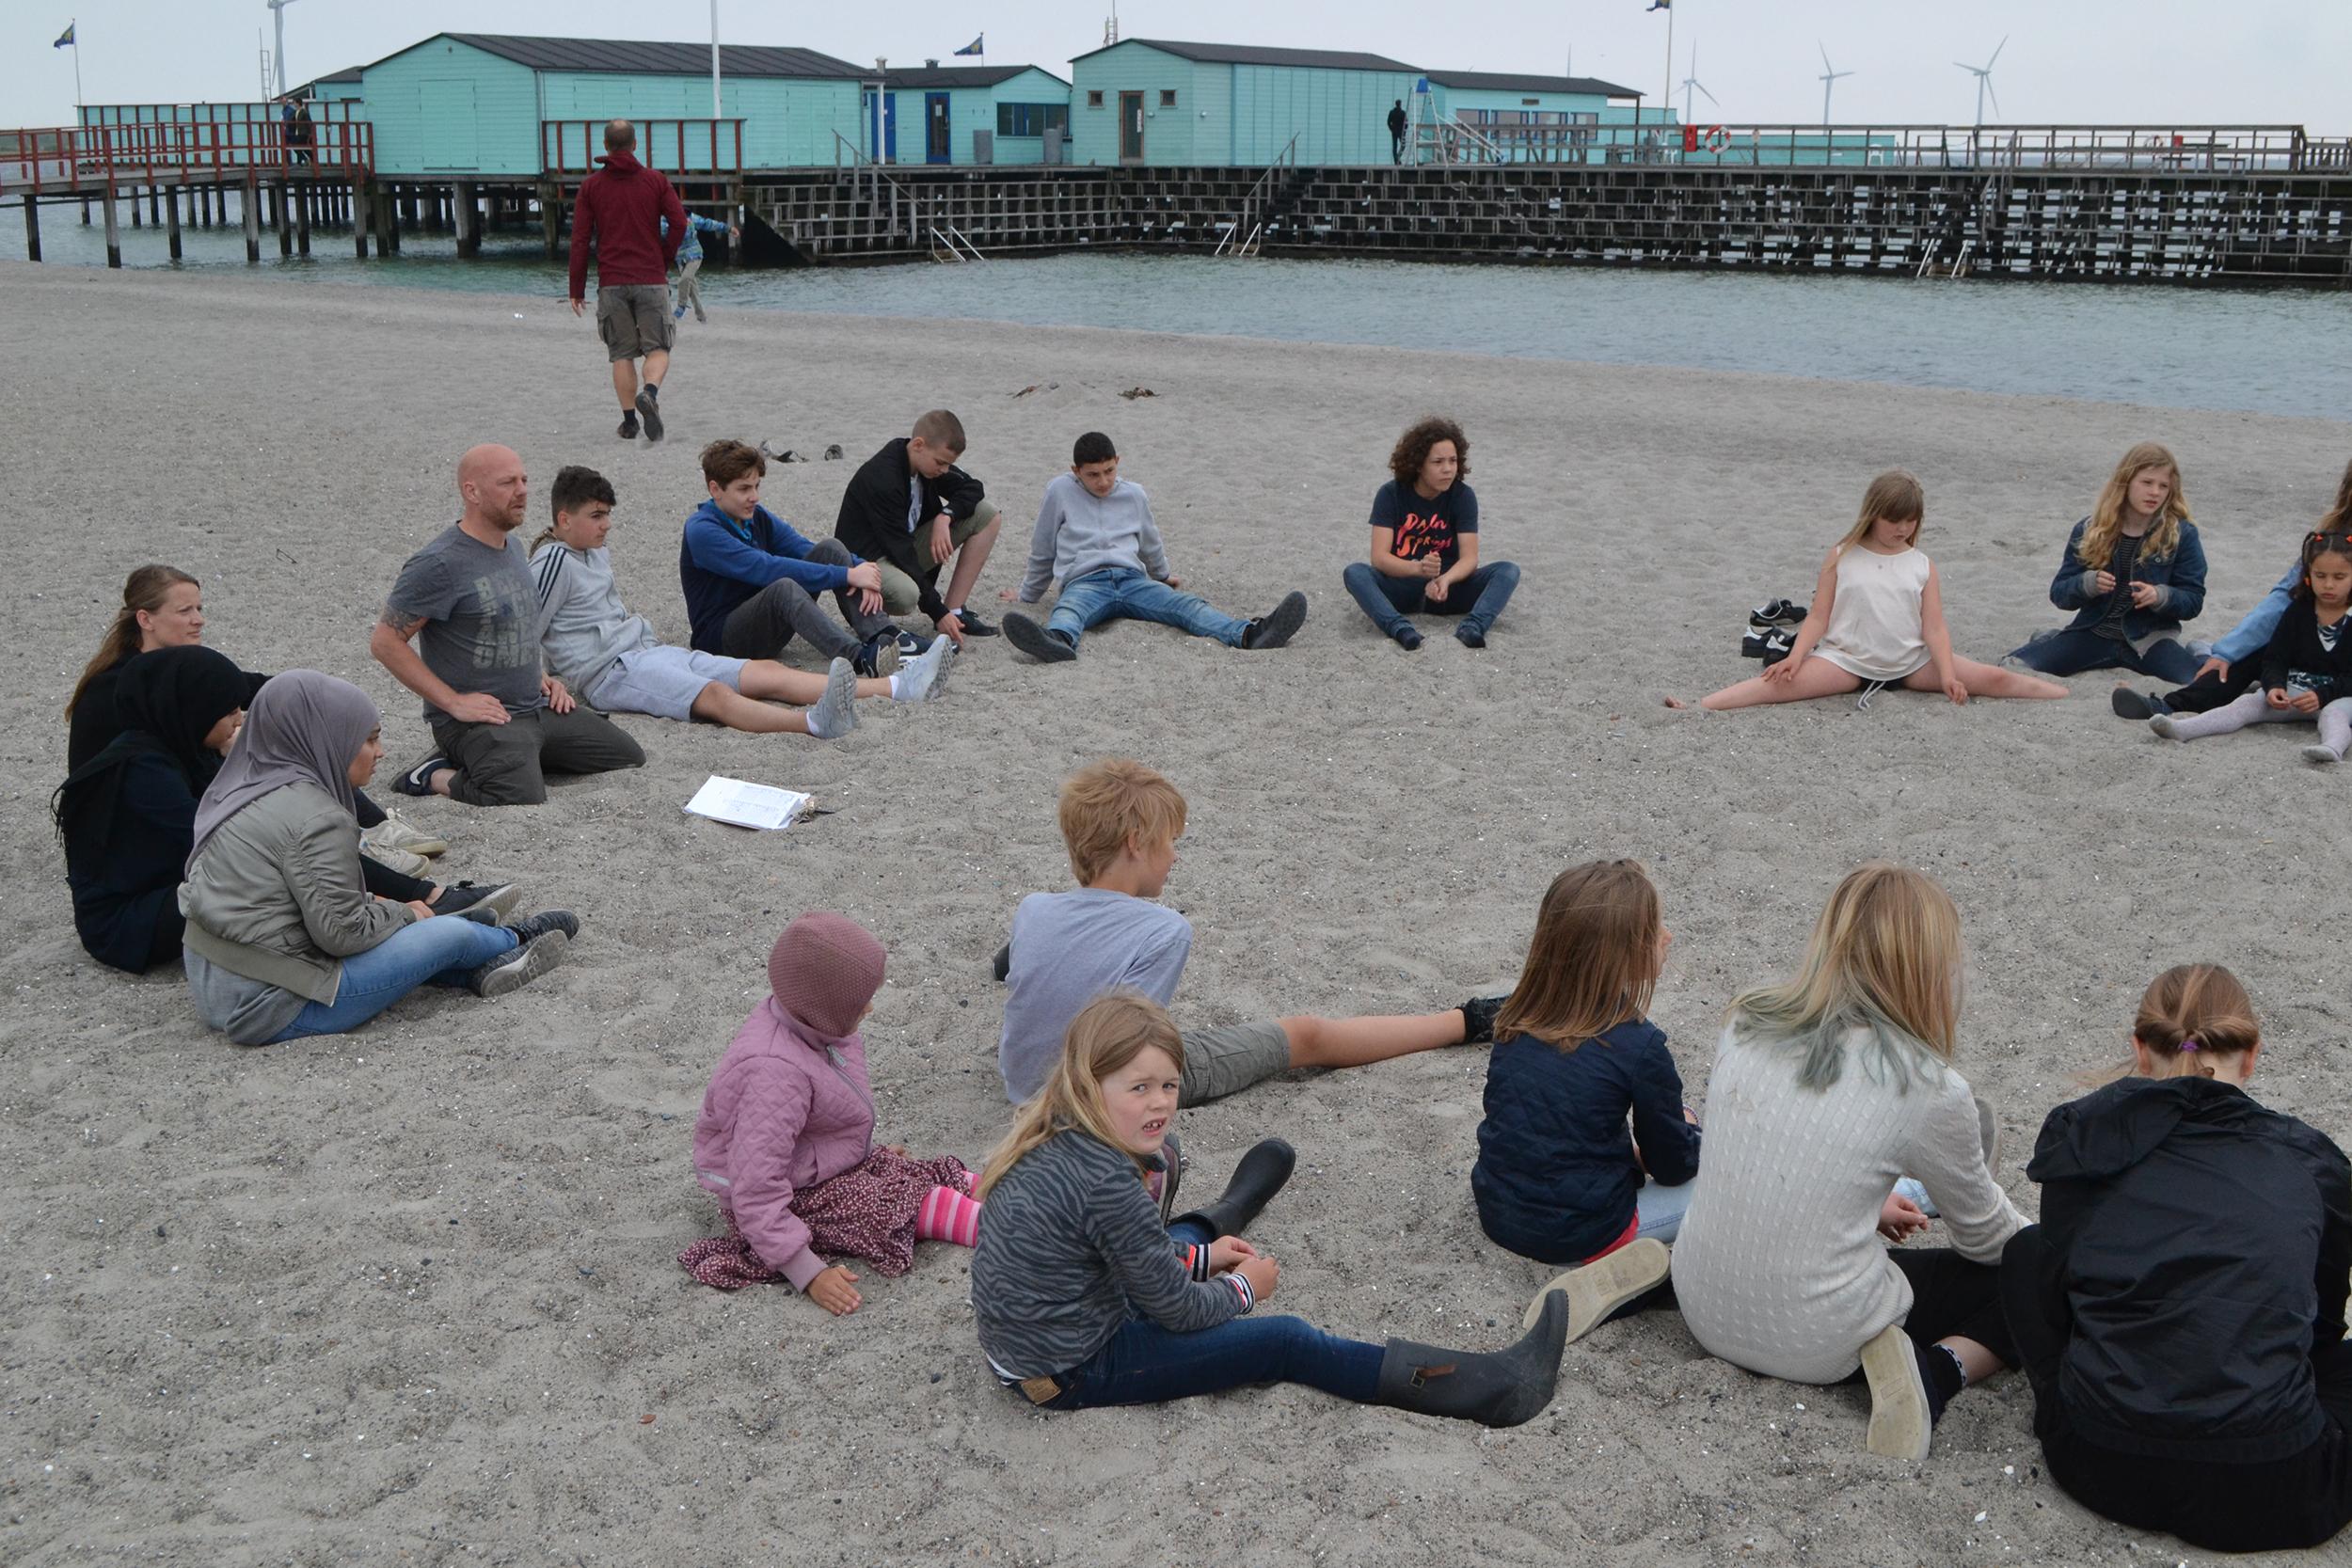 Den Grønne Friskole viser elever fra Nørrebro Park Skole hvordan skolecirkel bruges som pædagogisk værktøj når de har undervisning i Amager Strandpark